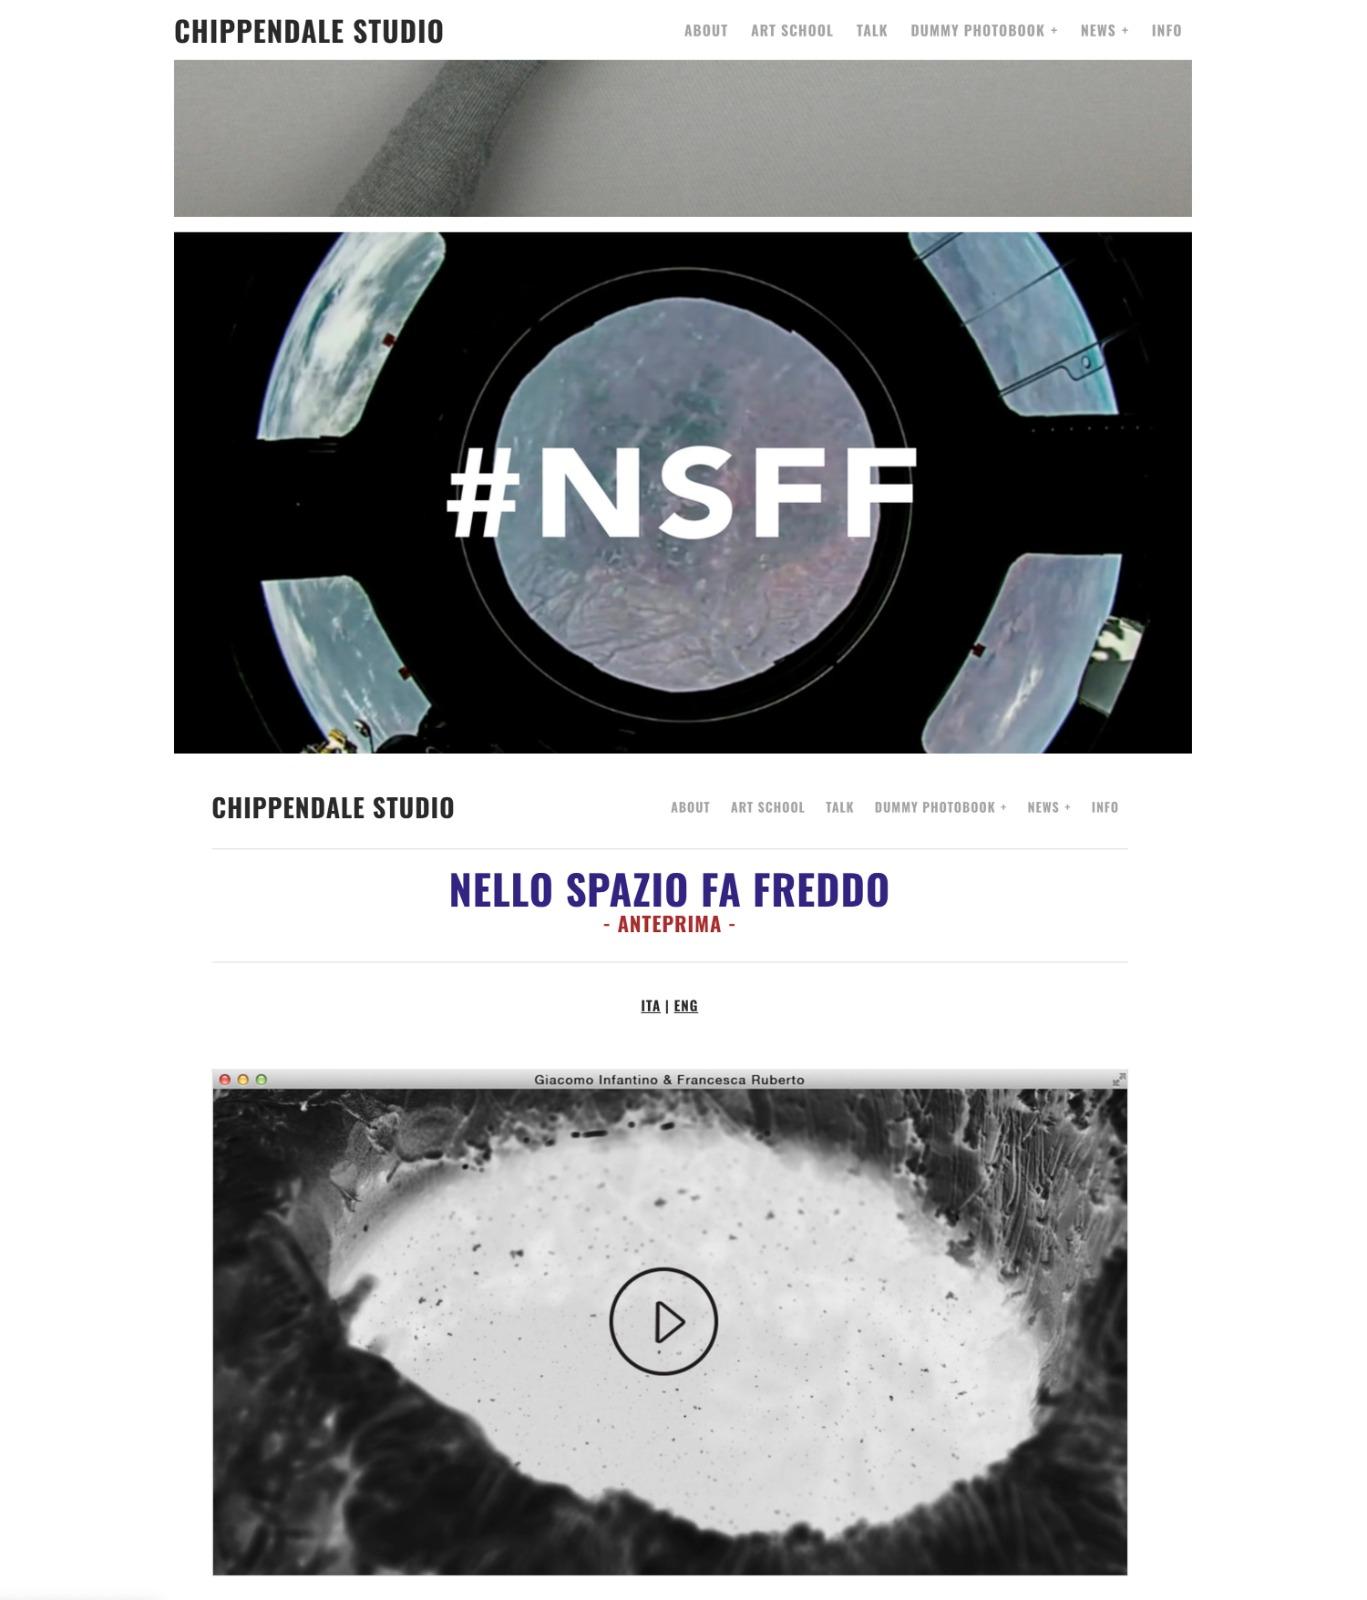 2020 – Nello spazio fa freddo - Collective exhibitions at Chippendale Studio during the Archivi Aperti and Walk-in Studio, Milano - IT